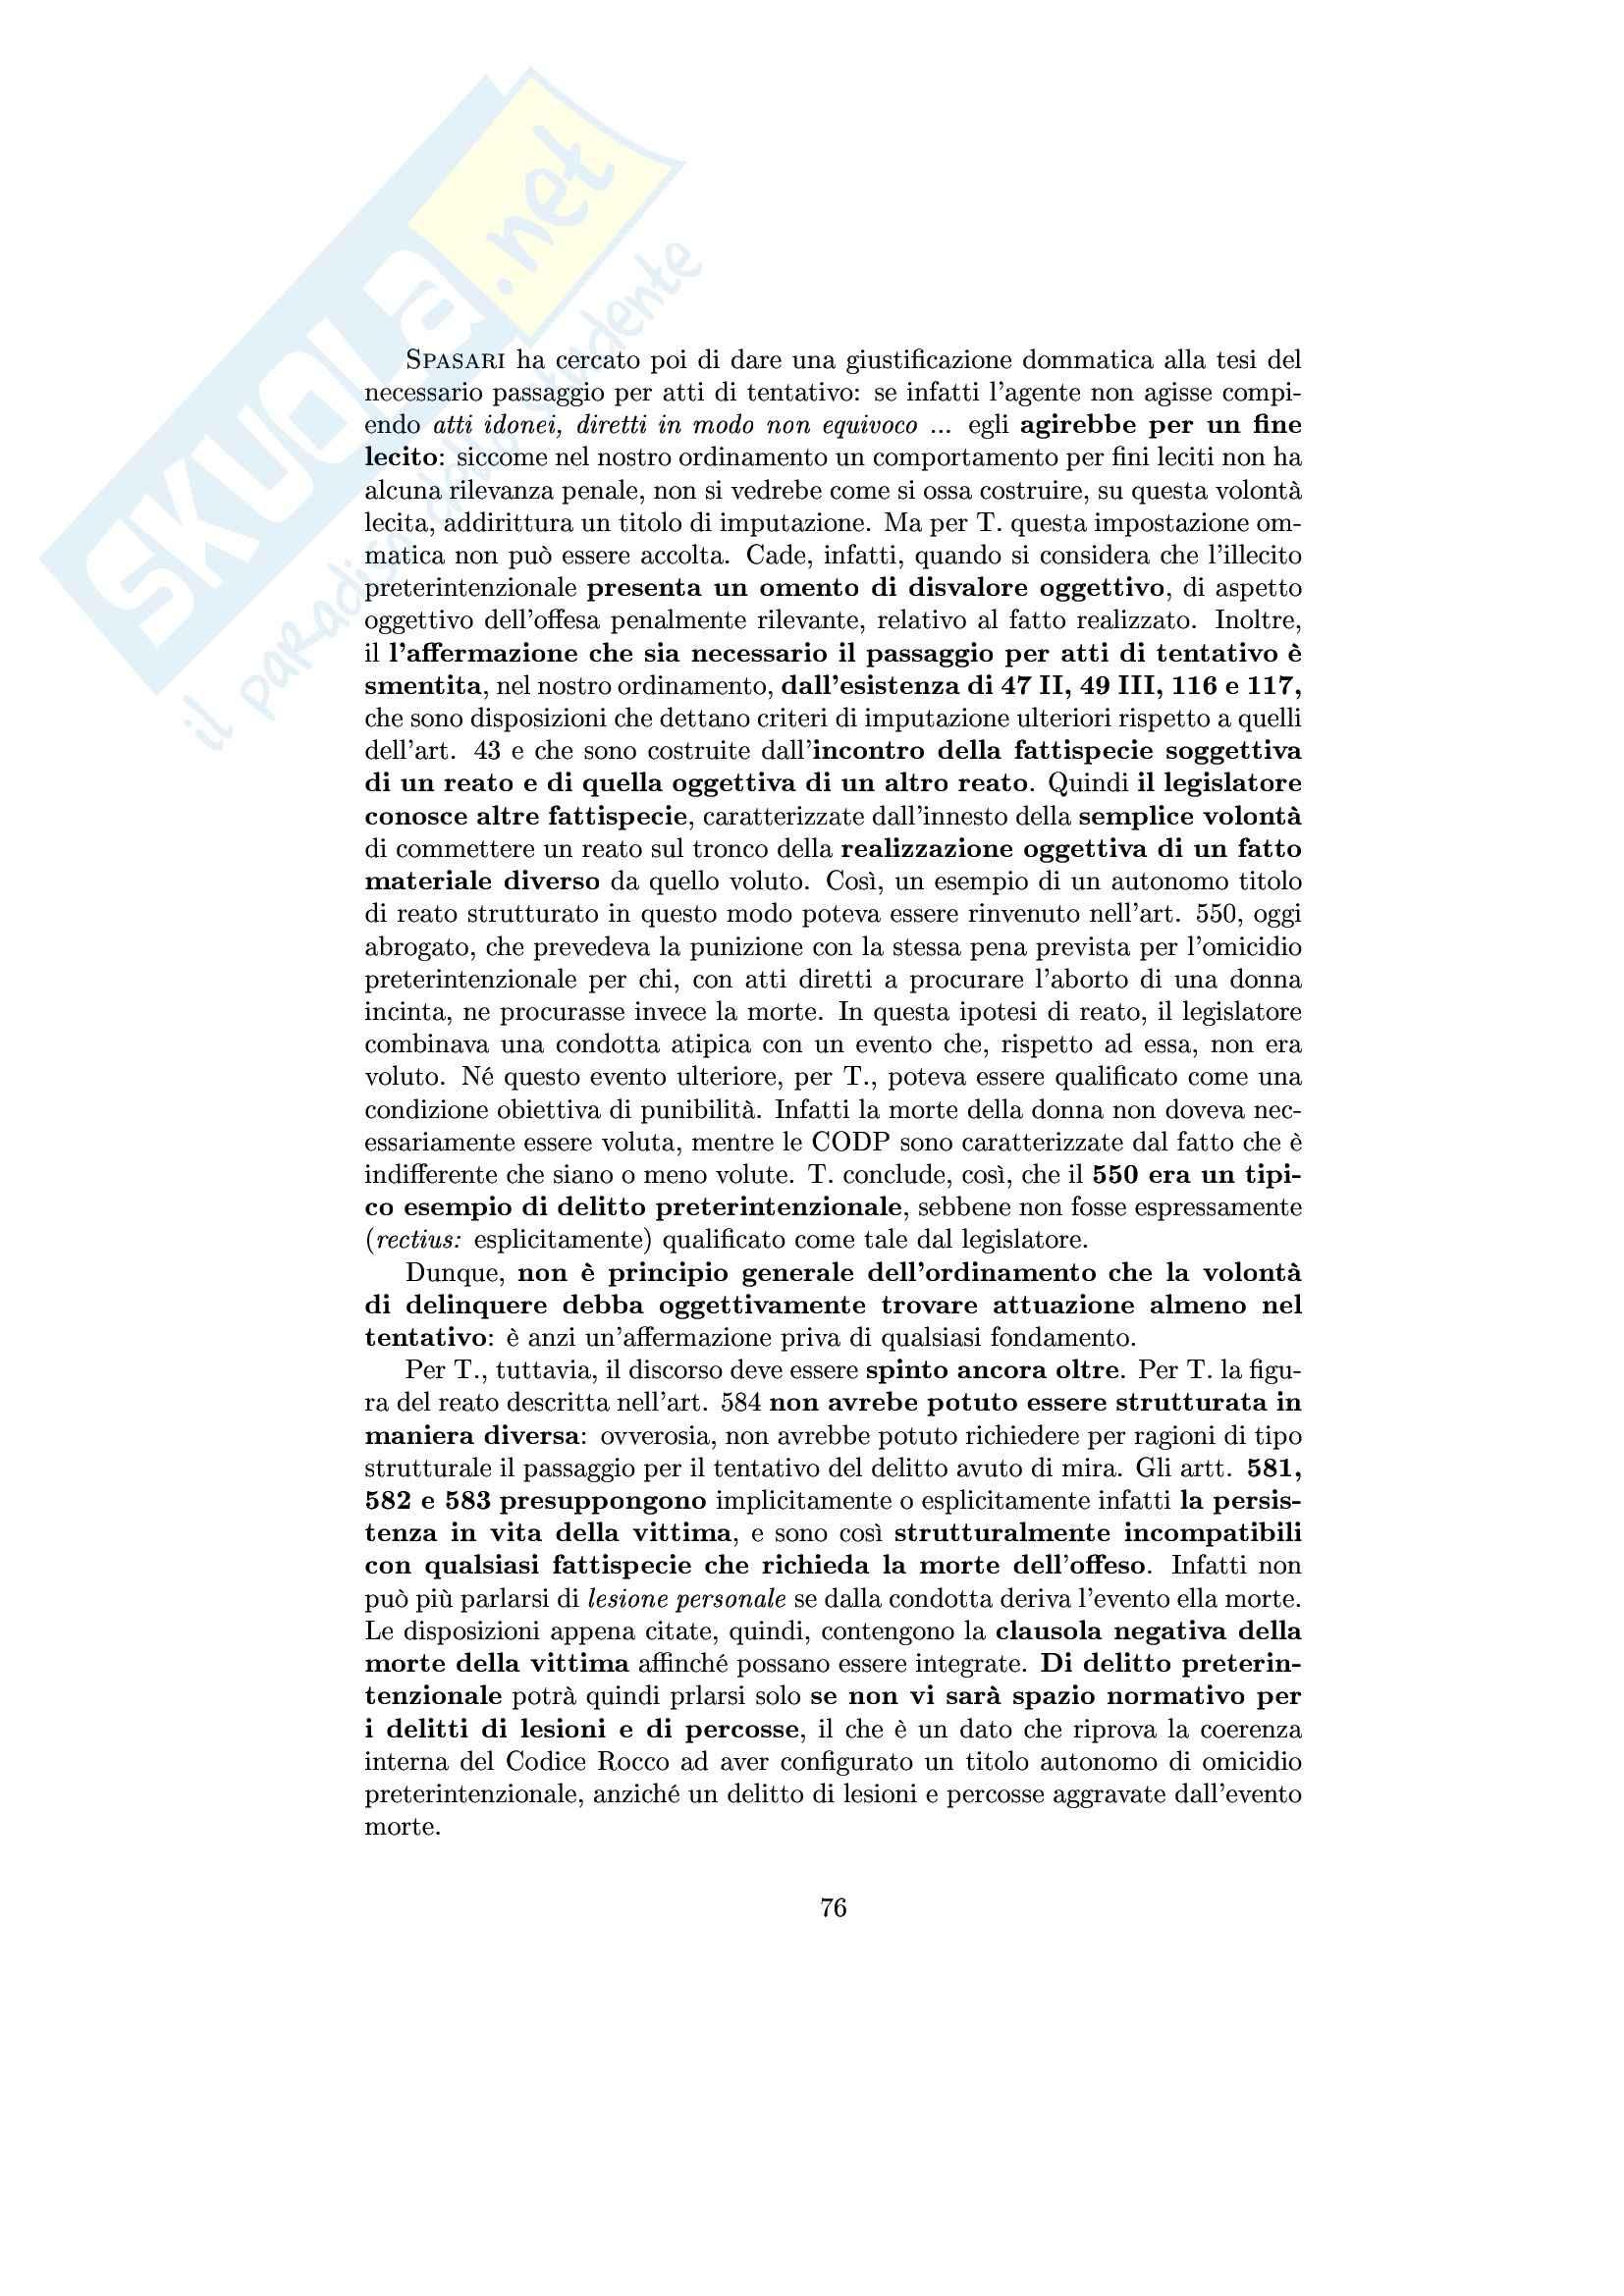 Diritto penale II - Riassunto esame, prof. Trapani Pag. 76